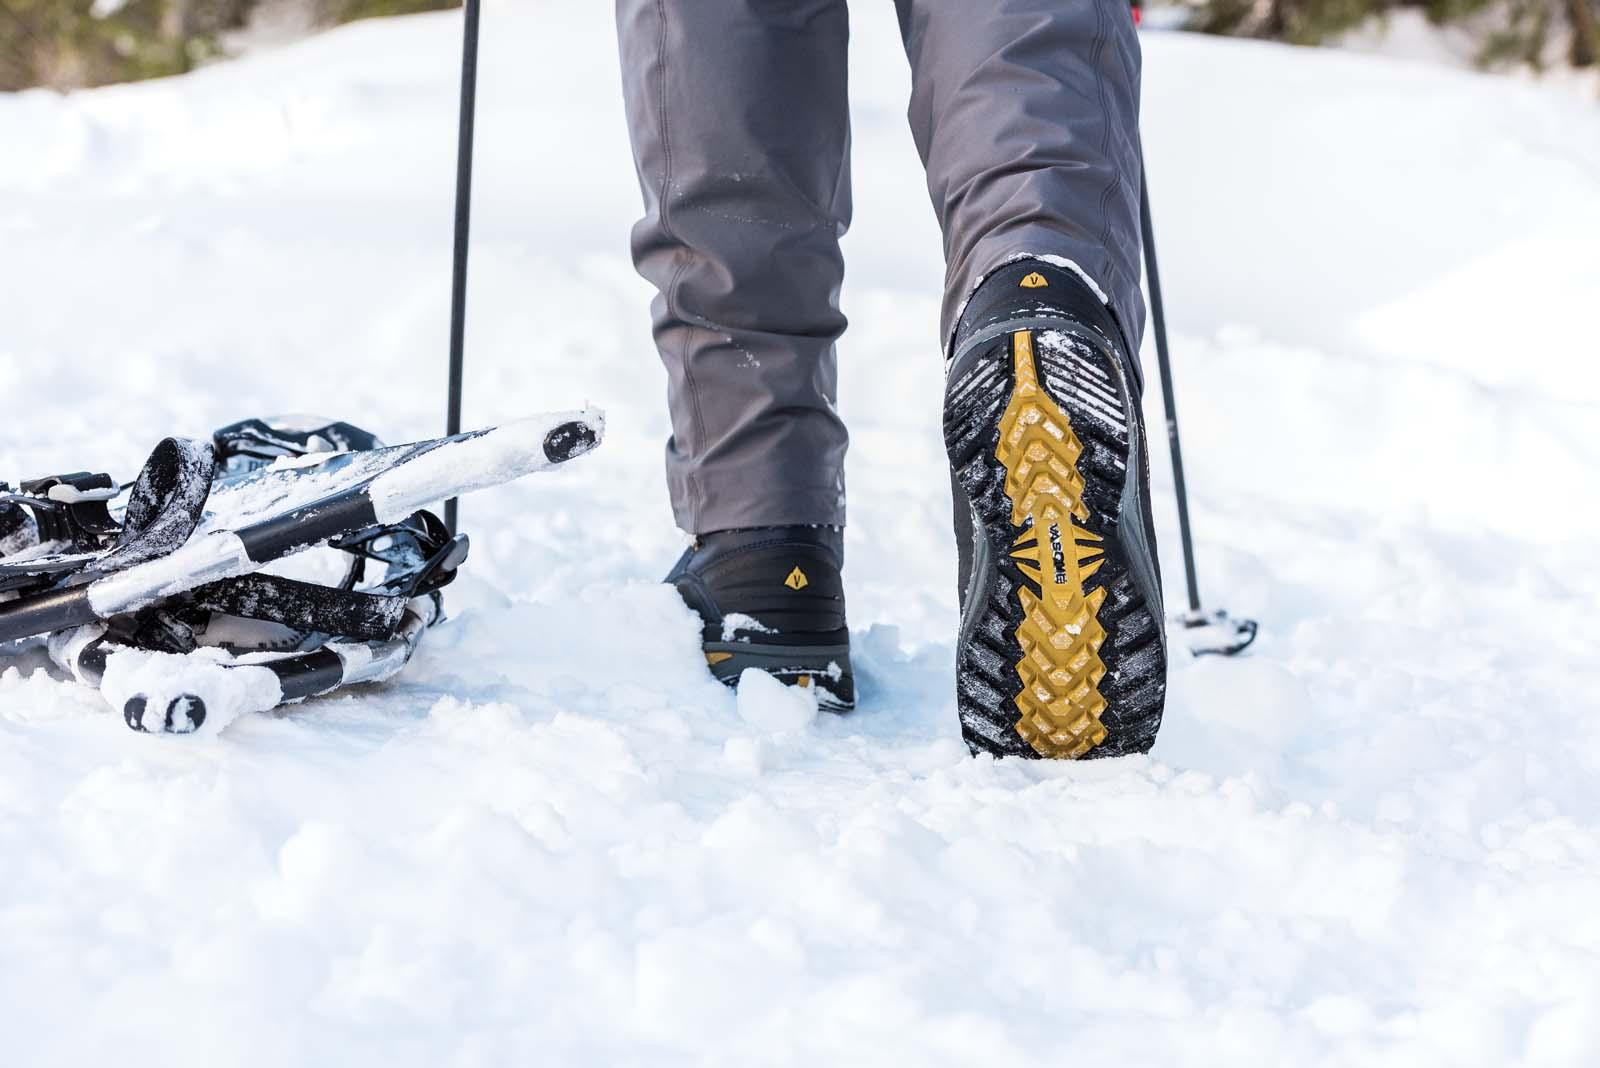 Vasque Snowburban II Boots ($159.99, vasque.com)